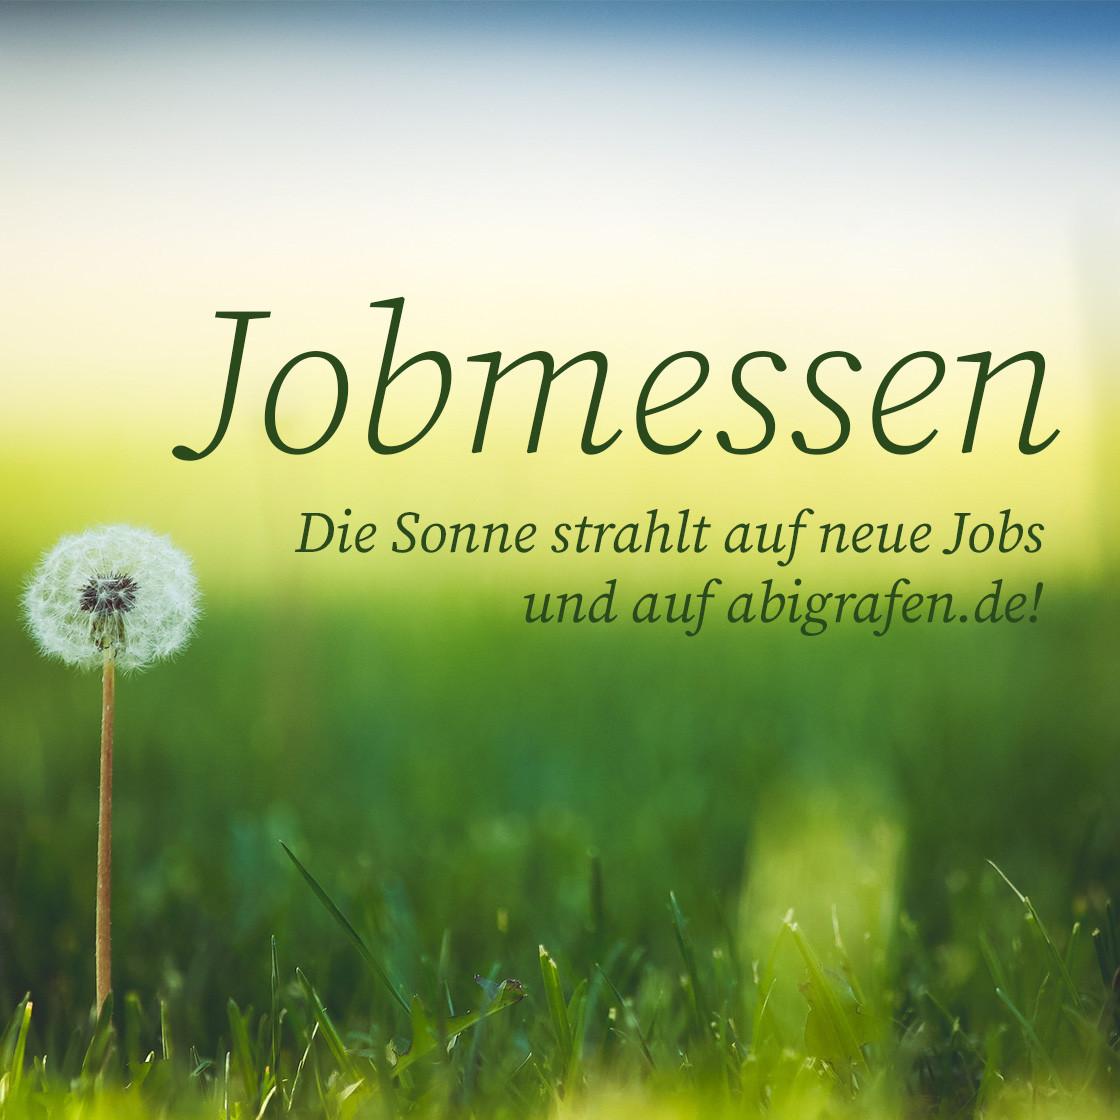 Die aktuellen Jobmessen im Juni hier und jetzt bei abigrafen.de